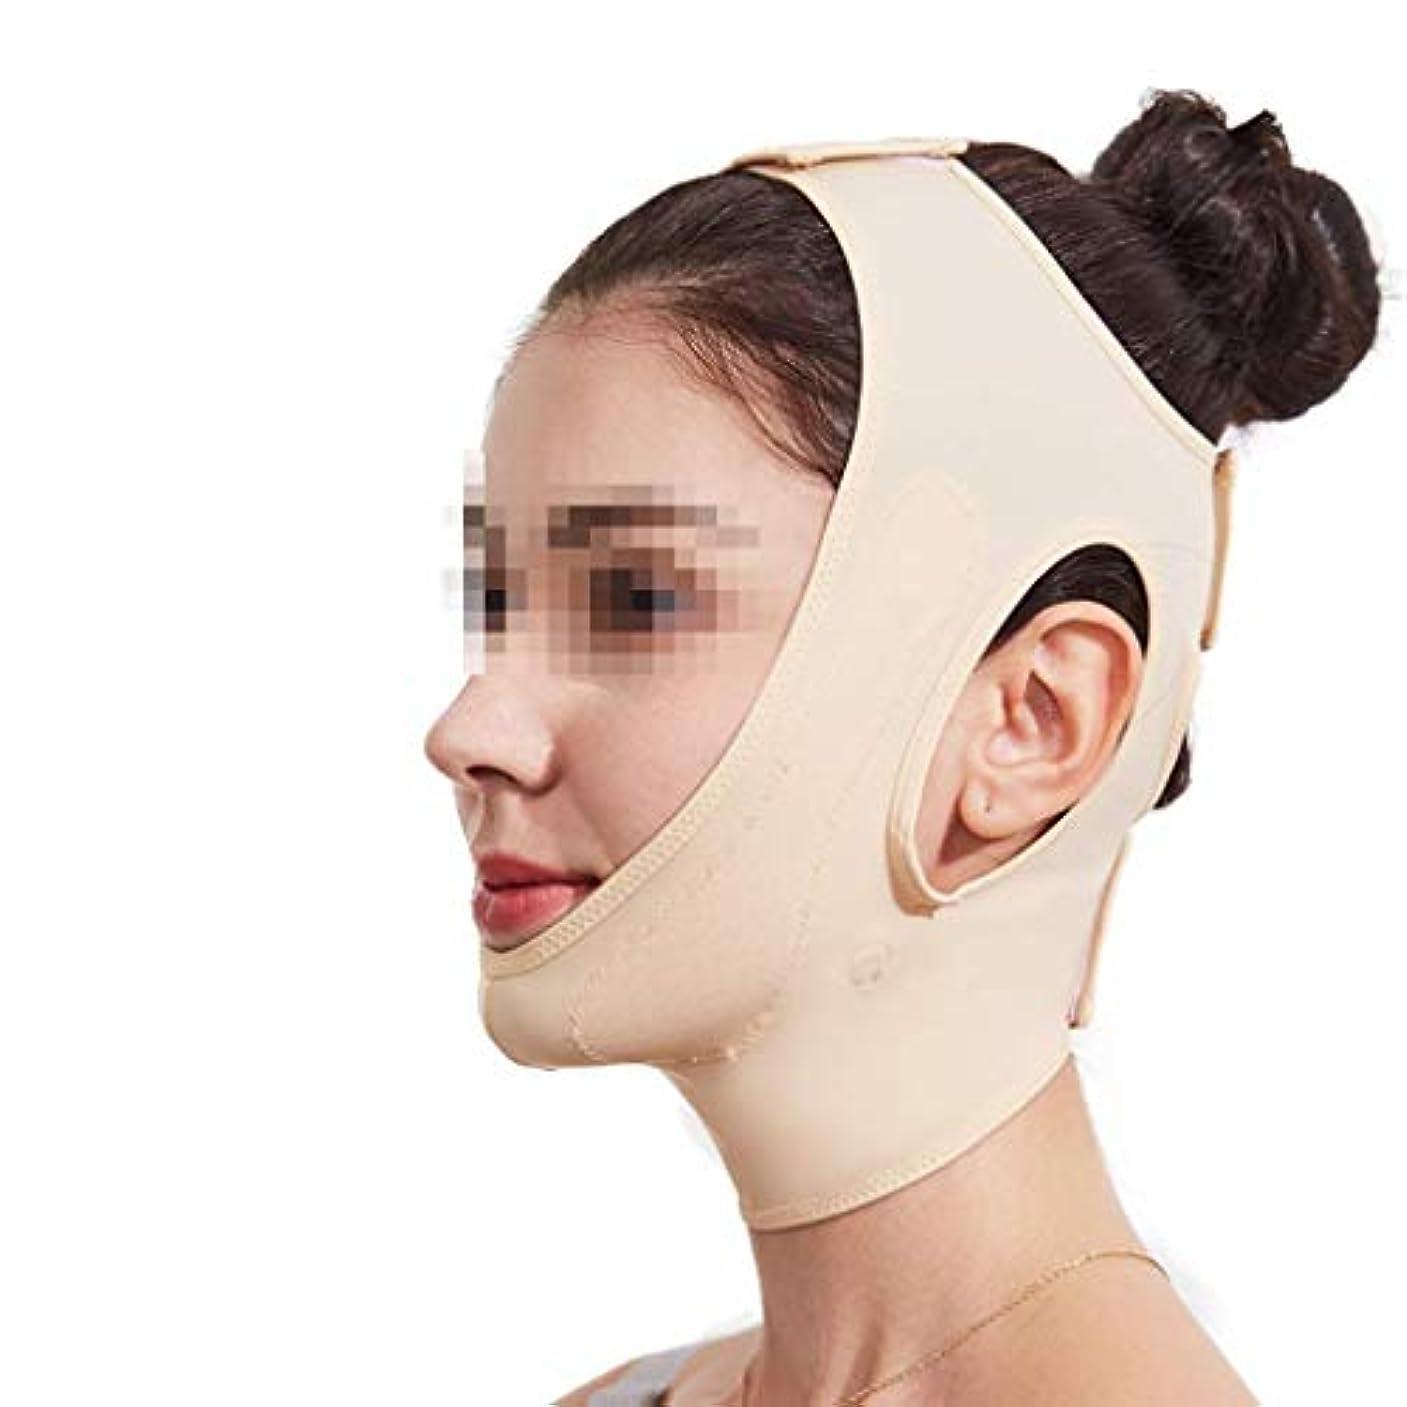 わかりやすい適切な届けるフェイスリフティングバンデージ、フェイスマスクフェイスリフトチン快適な顔マルチカラーオプション(色:肌のトーン)